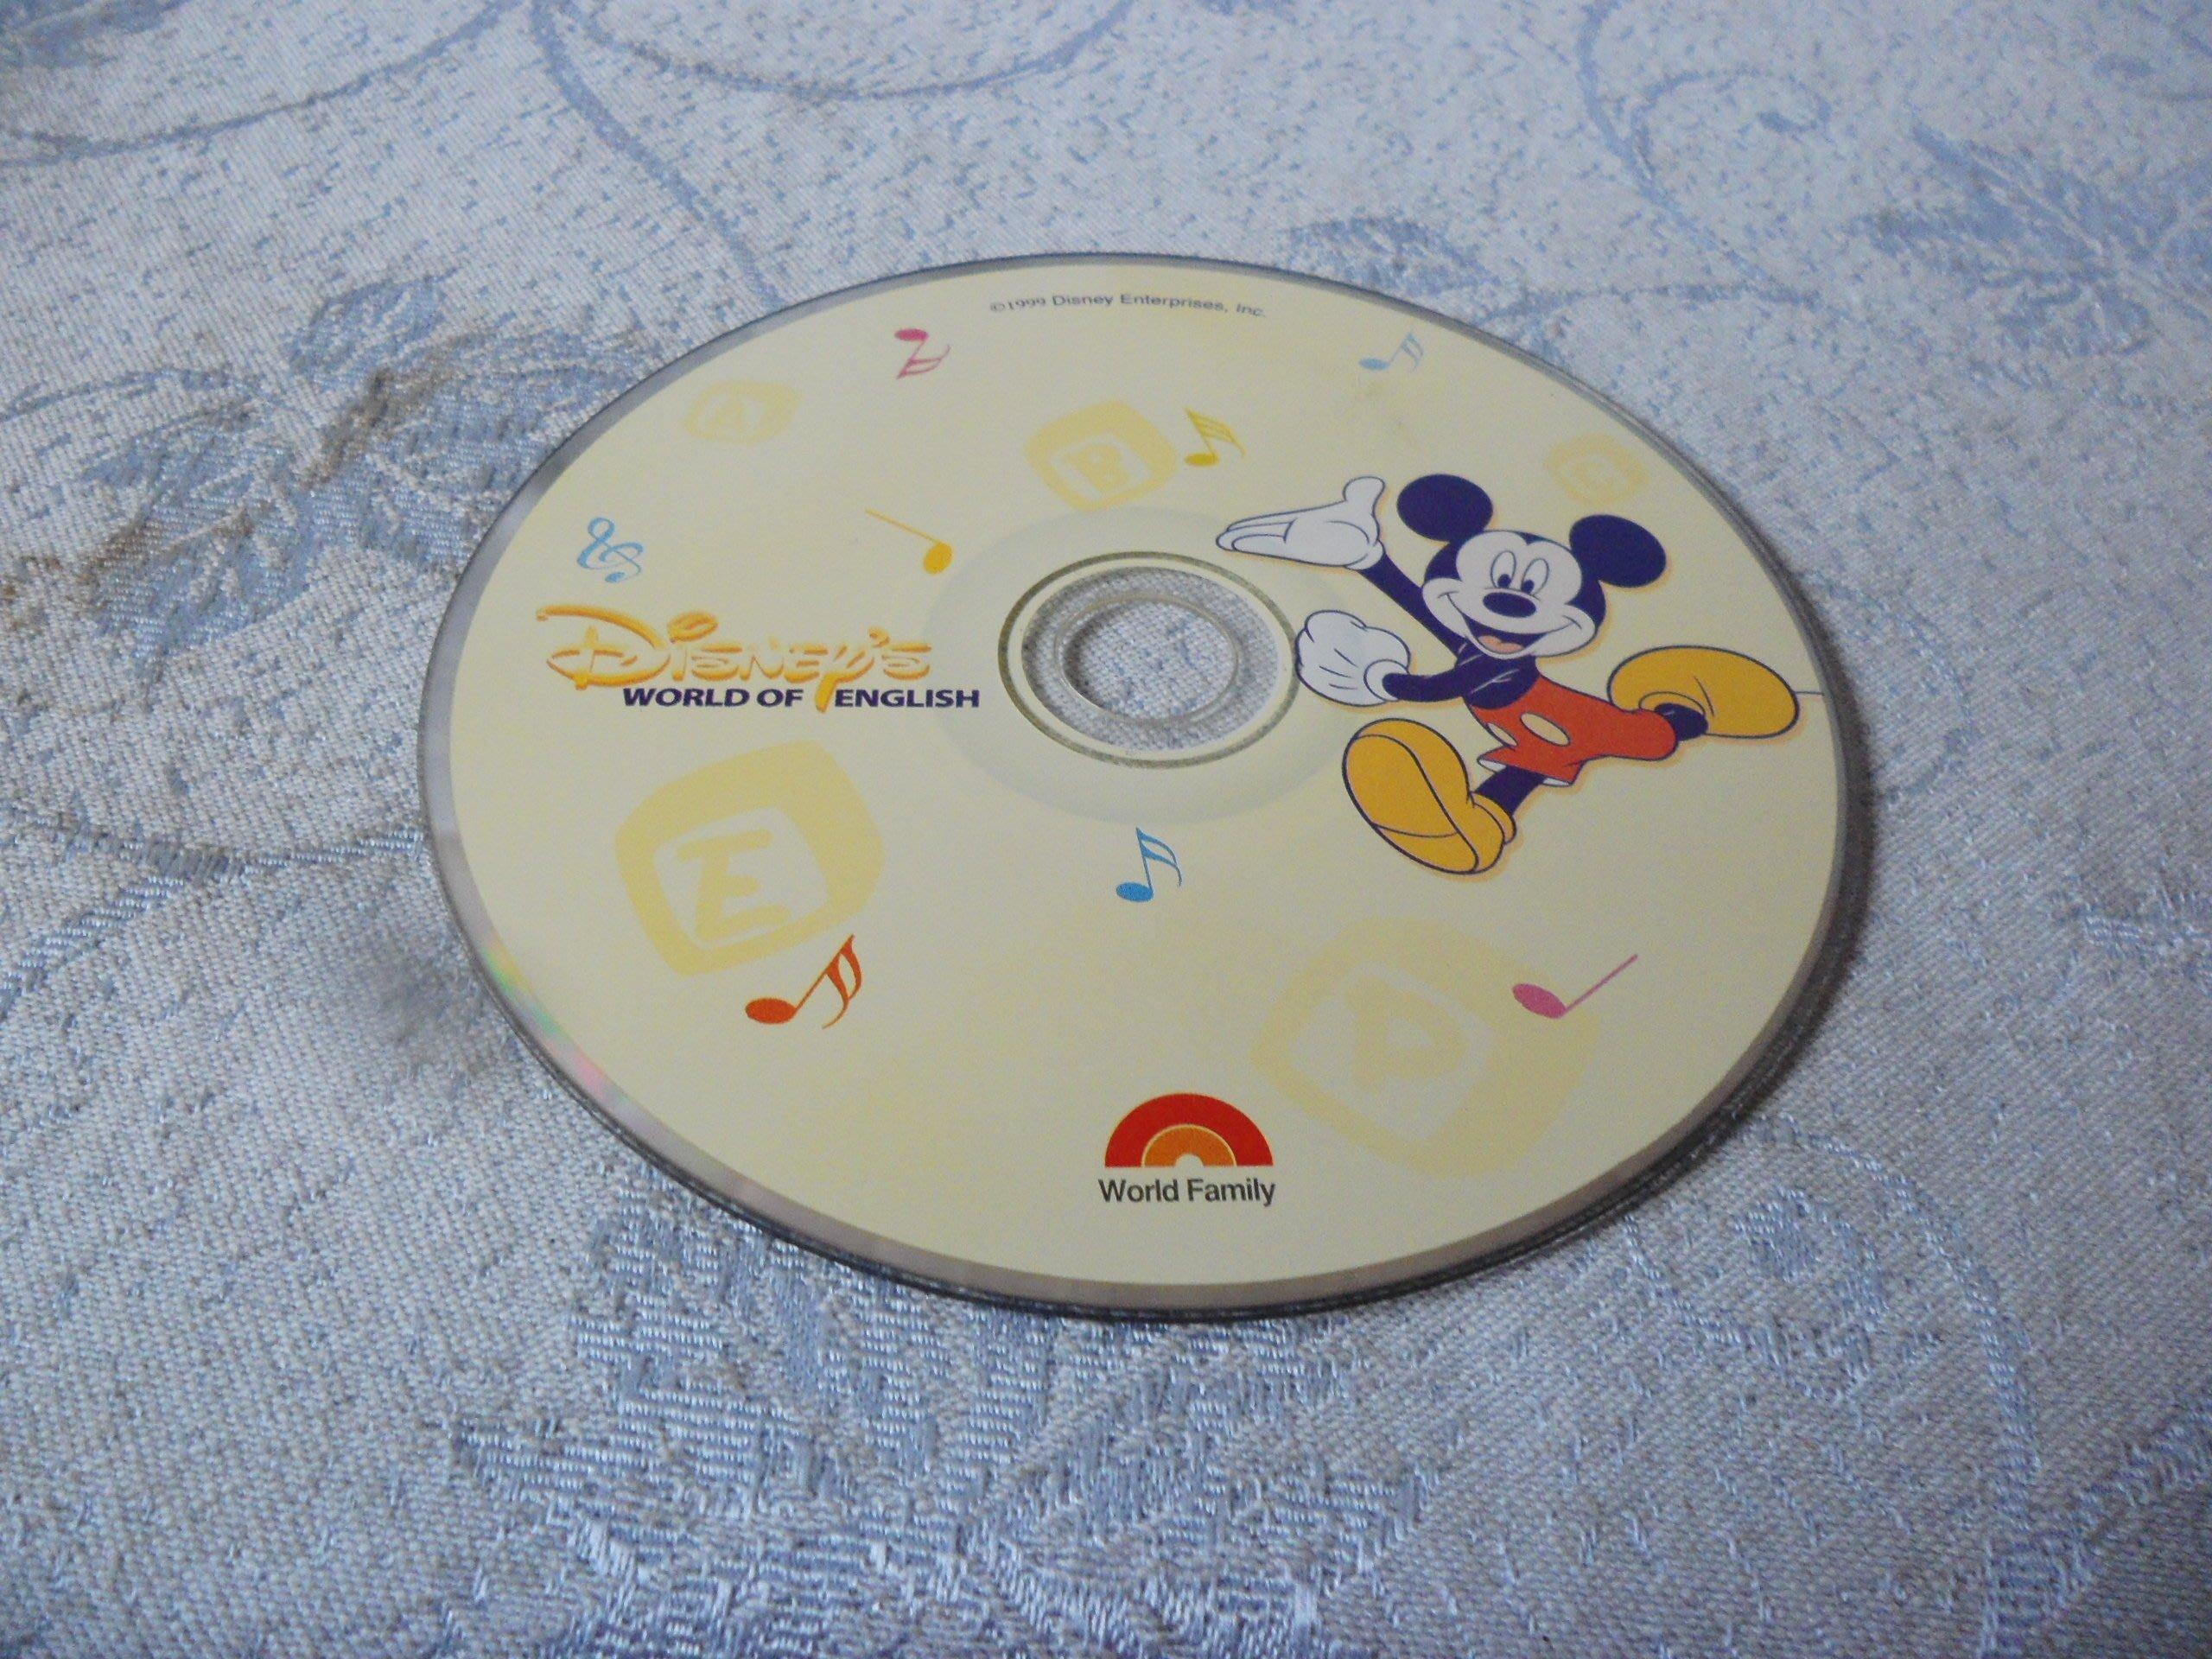 紫色小館33-6------1999 Disney Enterprises lnc